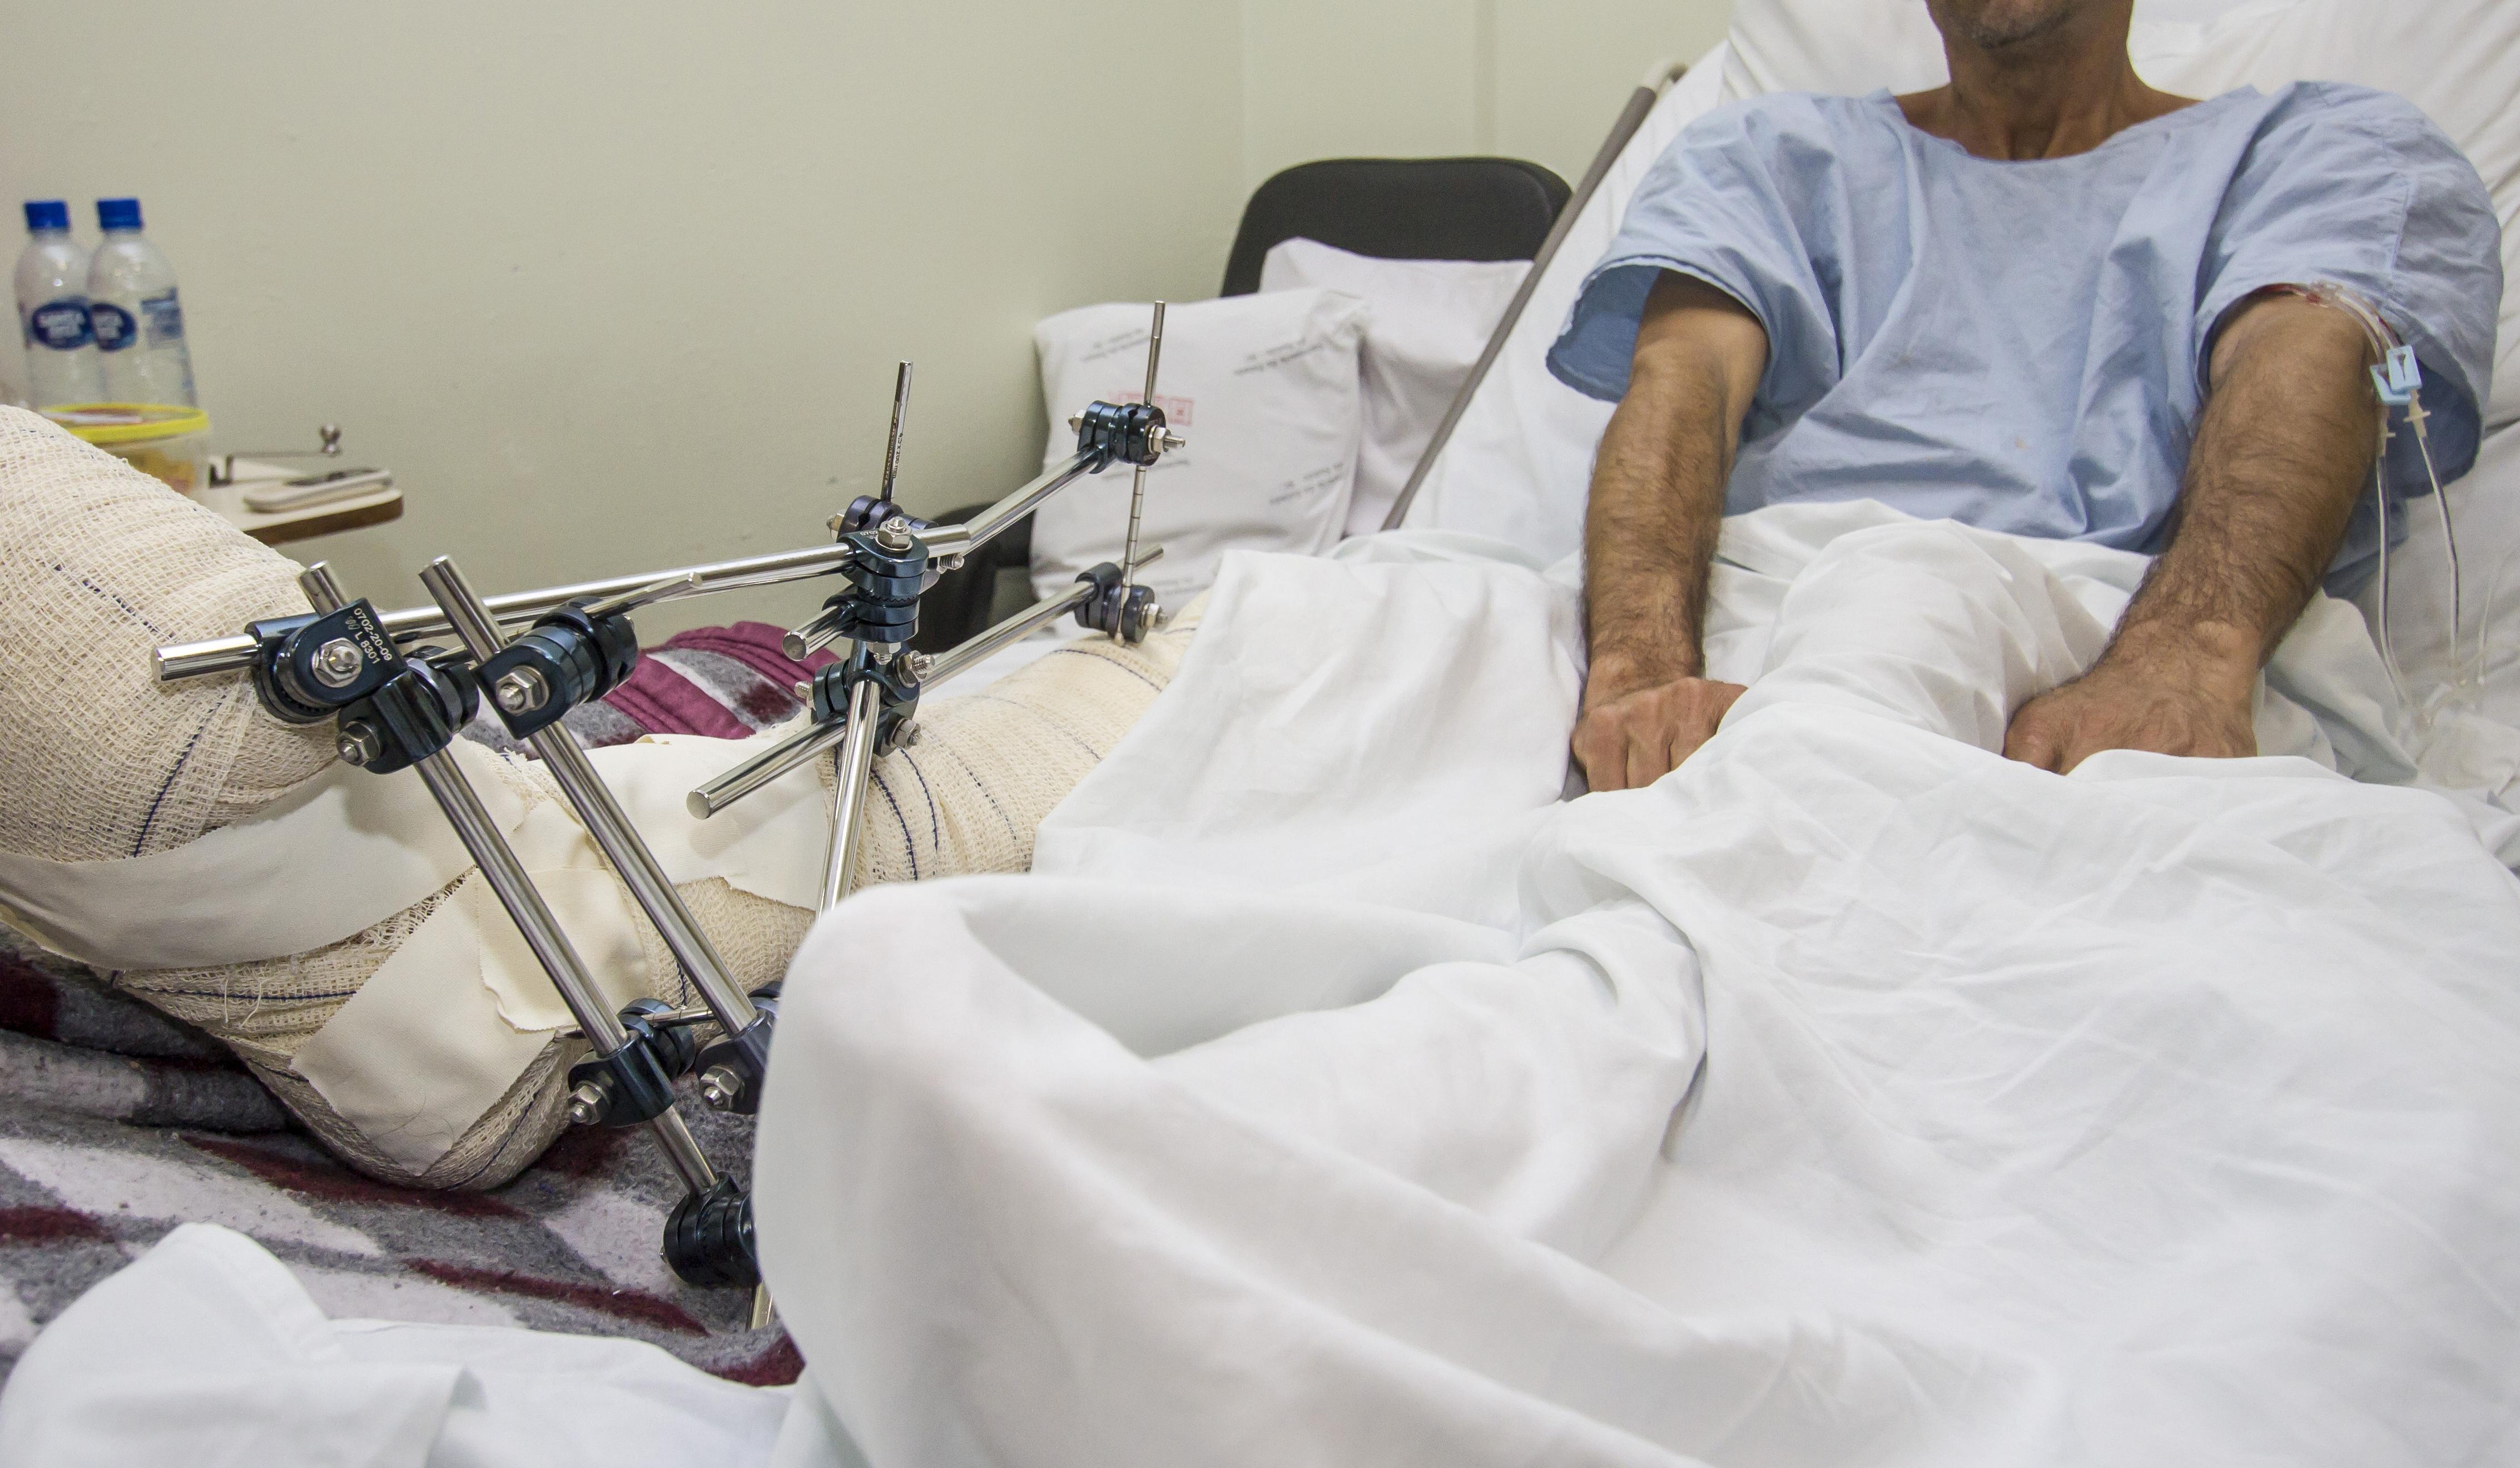 Cerca de 50% dos atendimentos feitos no pronto-socorro do Celso Ramos são de acidentados - Flávio Tin/Arquivo/ND